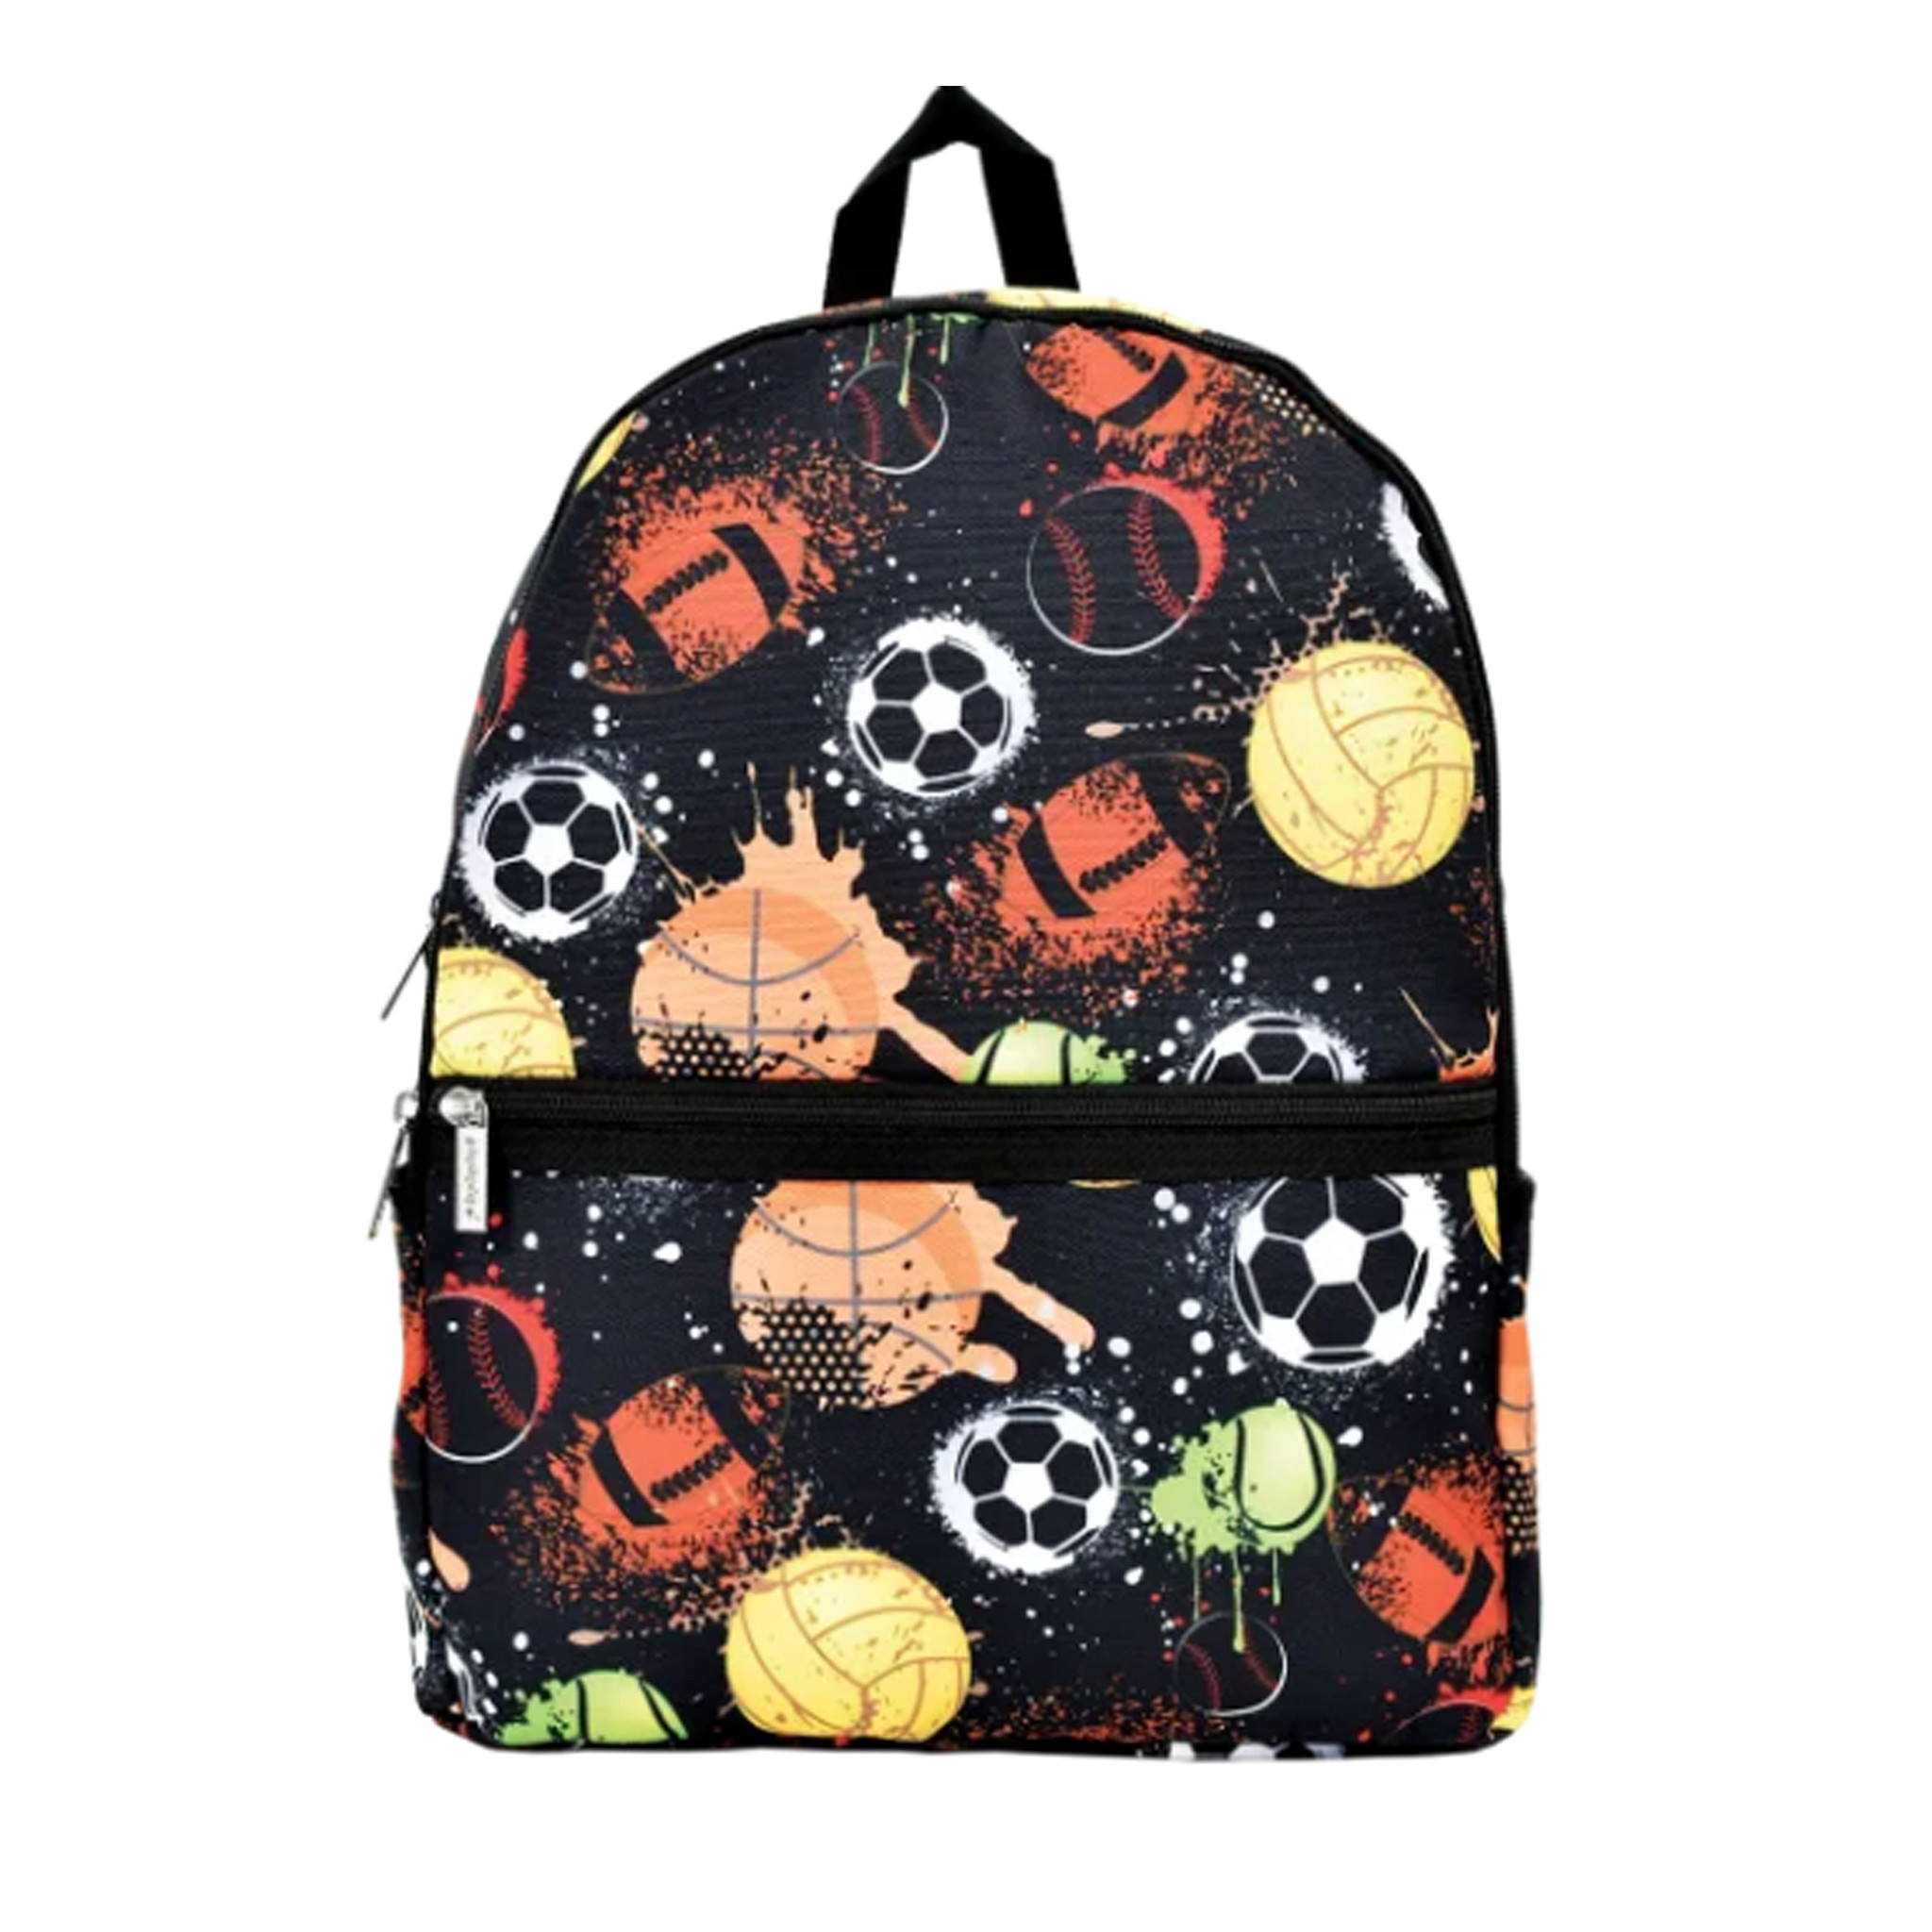 iScream Graffiti Sports Backpack